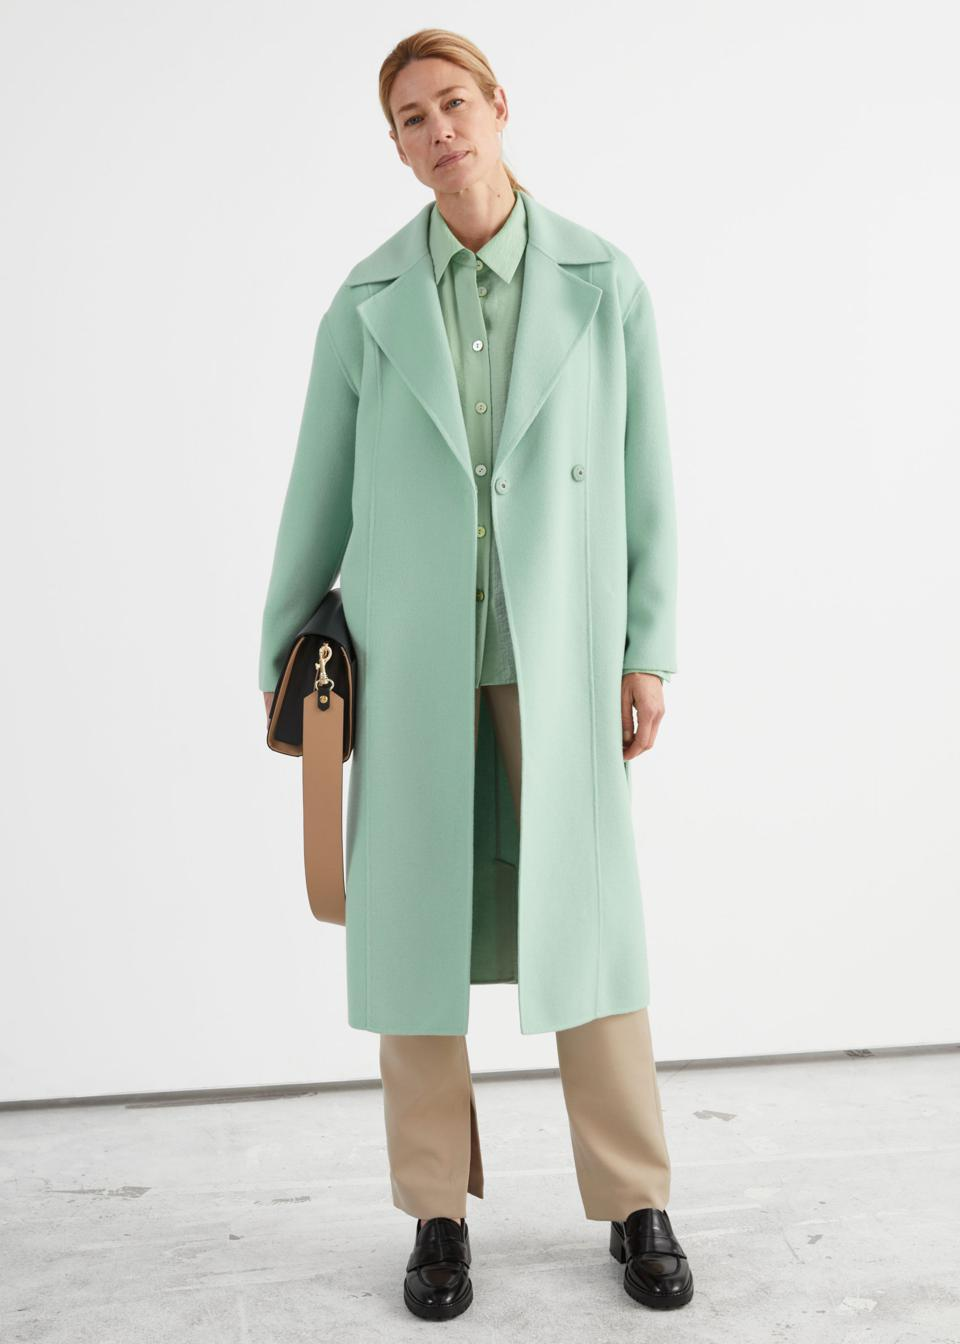 Woman wearing mint green coat